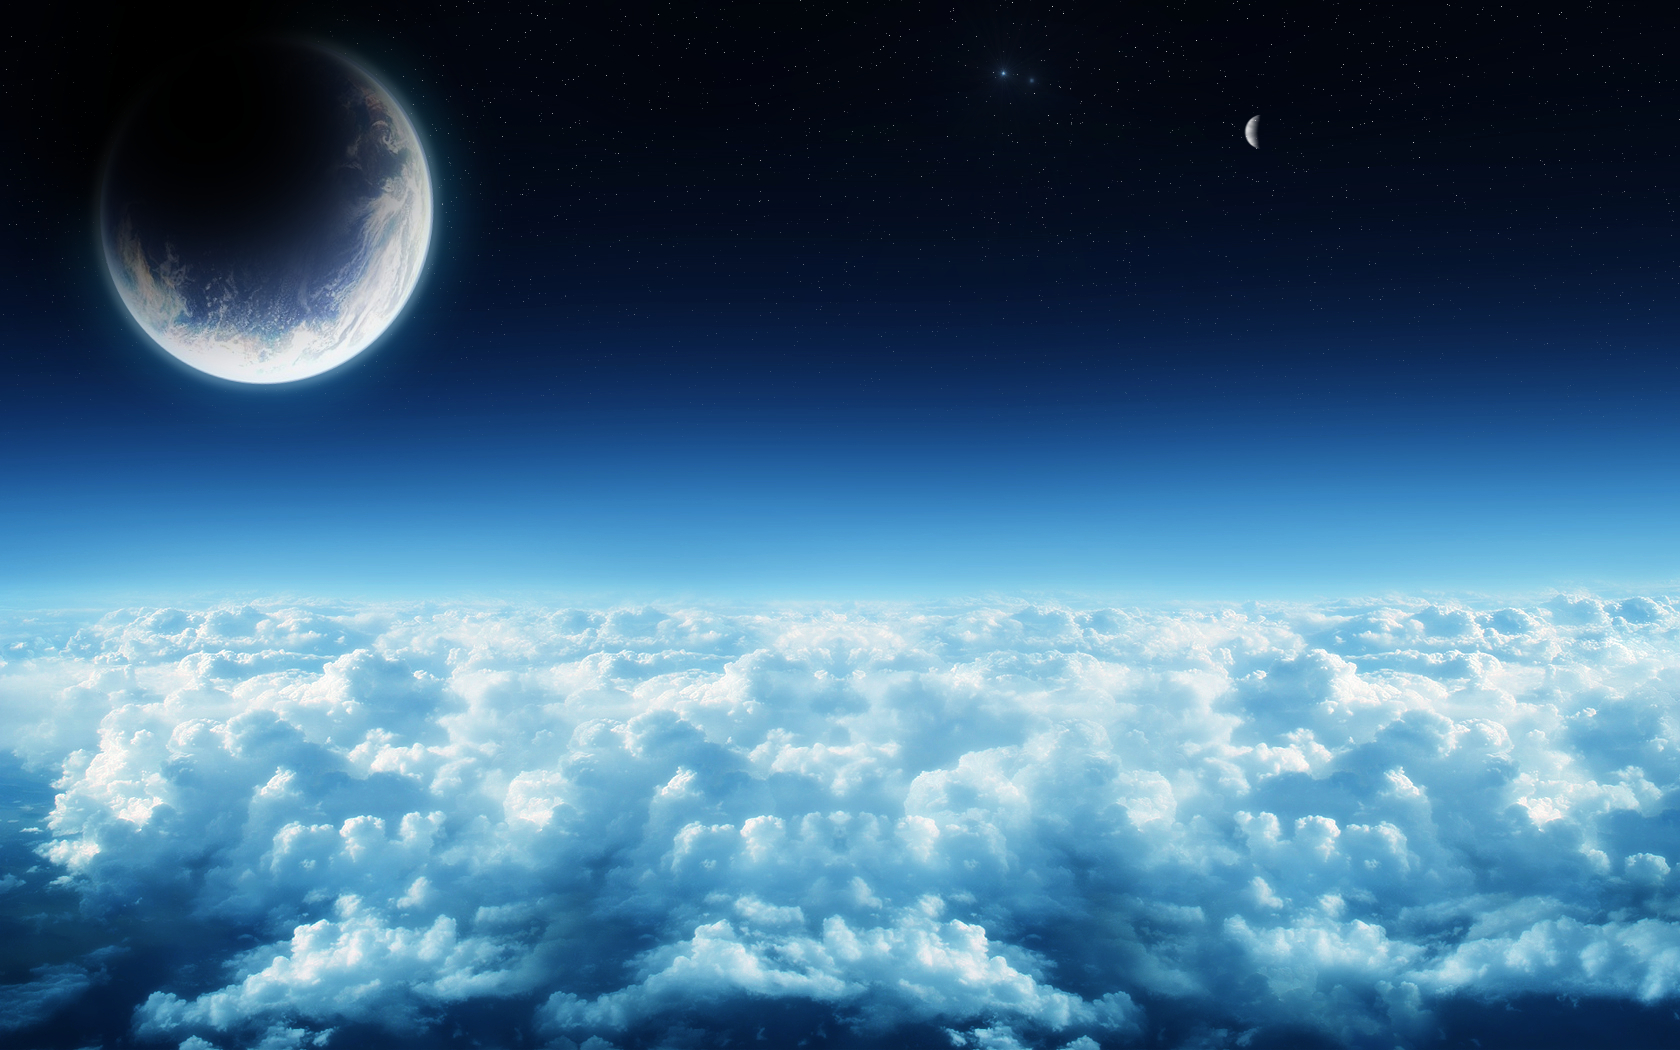 Planet Space Cloud 1680x1050